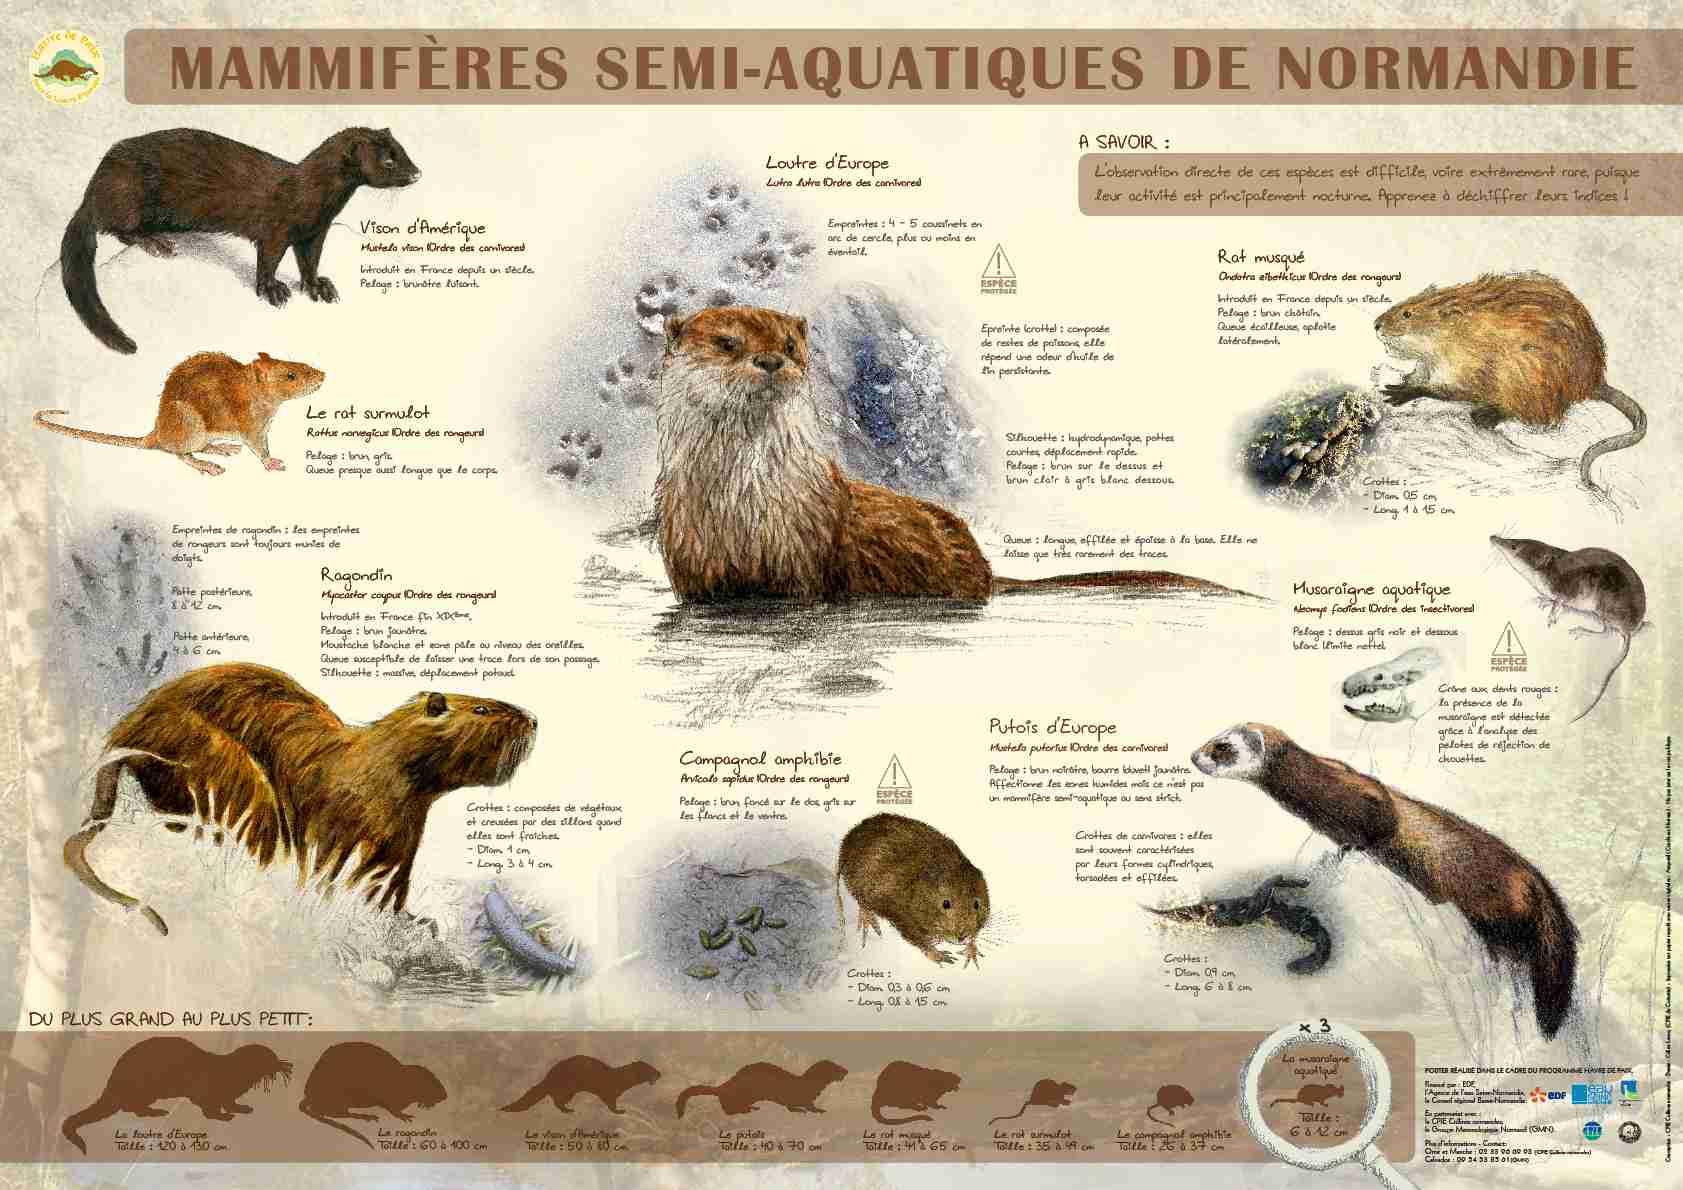 Mammifères semi-aquatiques